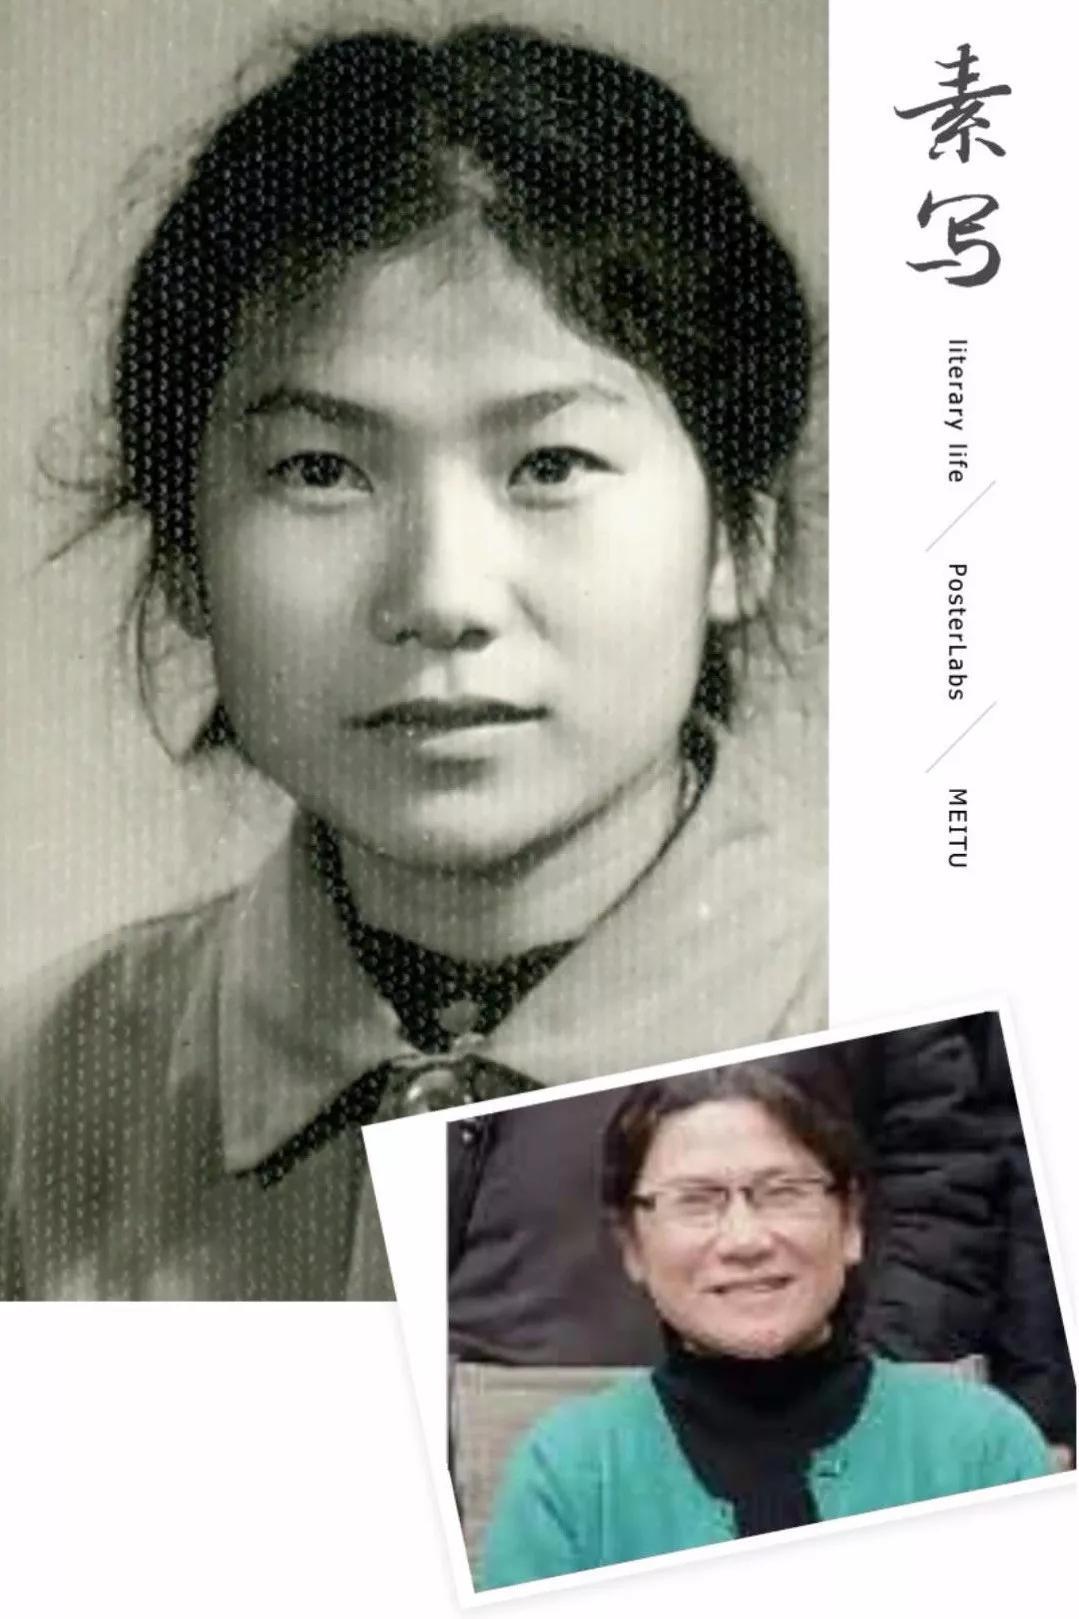 现在,这个小妹妹已经是中南大学的副教授,在德国生活。